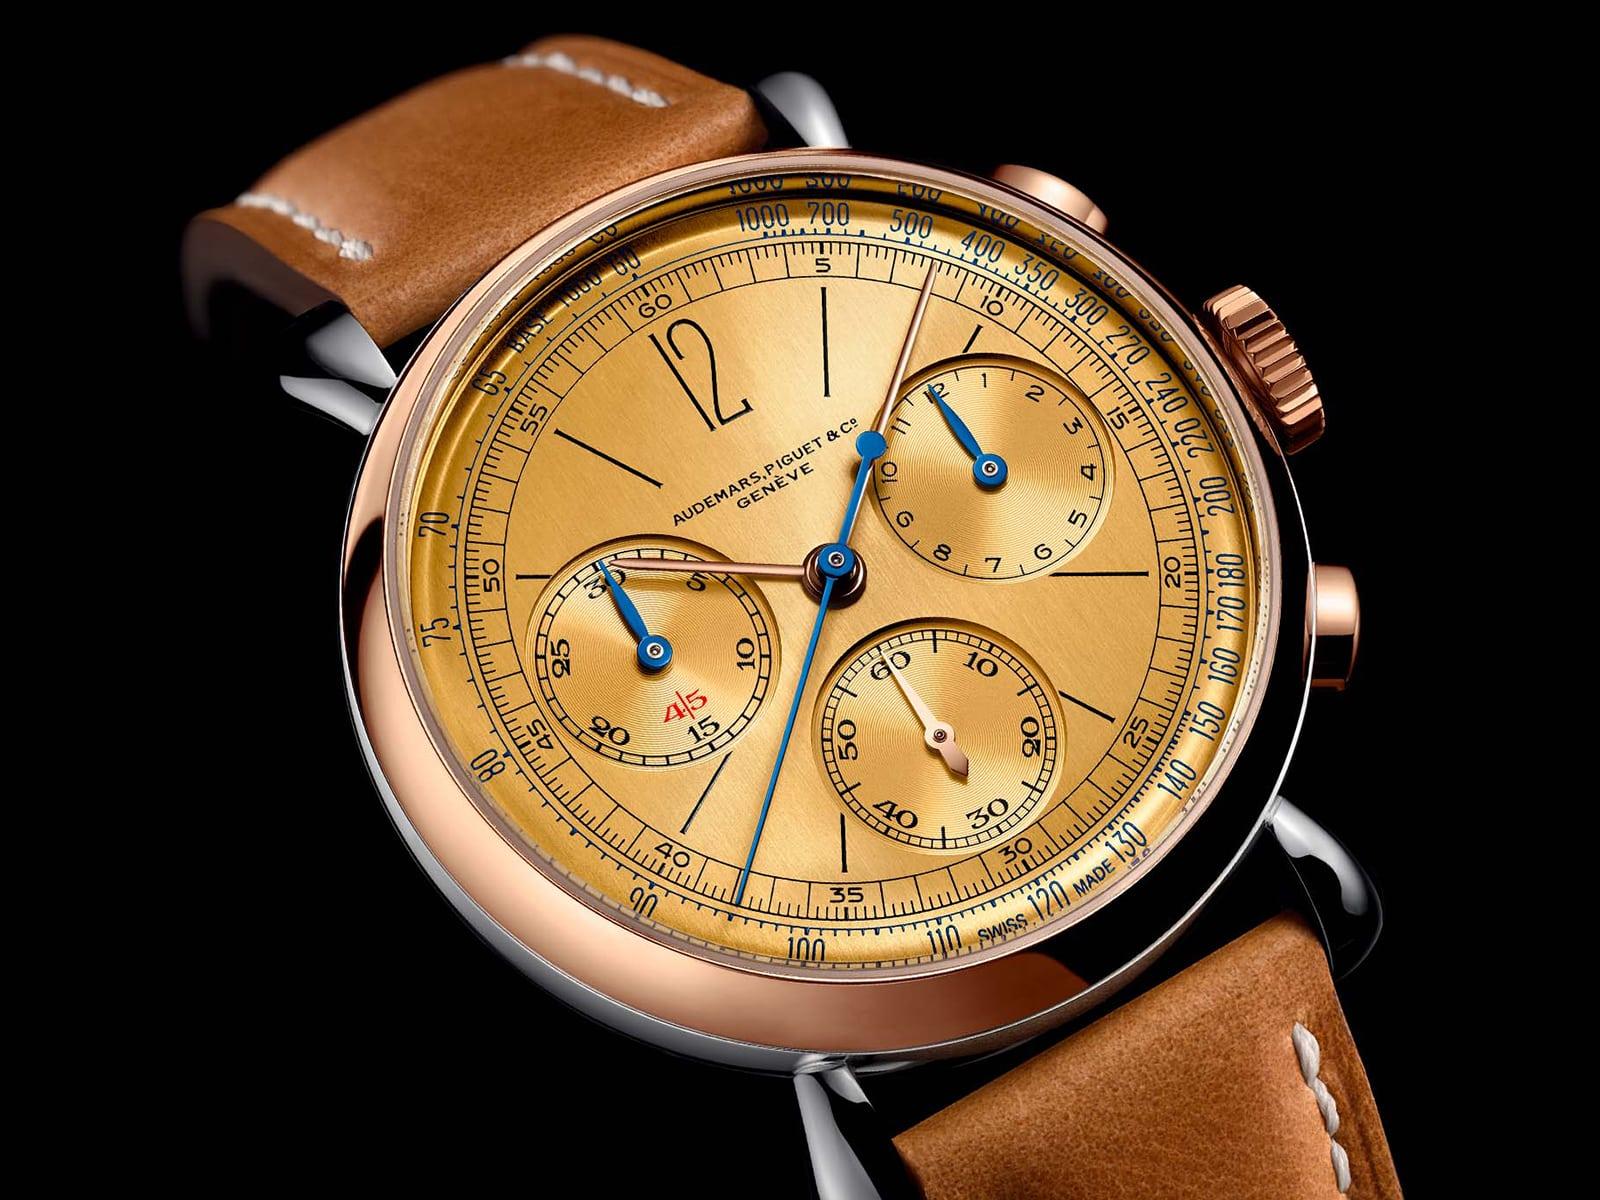 26595sr-oo-a032ve-01-audemars-piguet-remaster01-chronograph-4.jpg